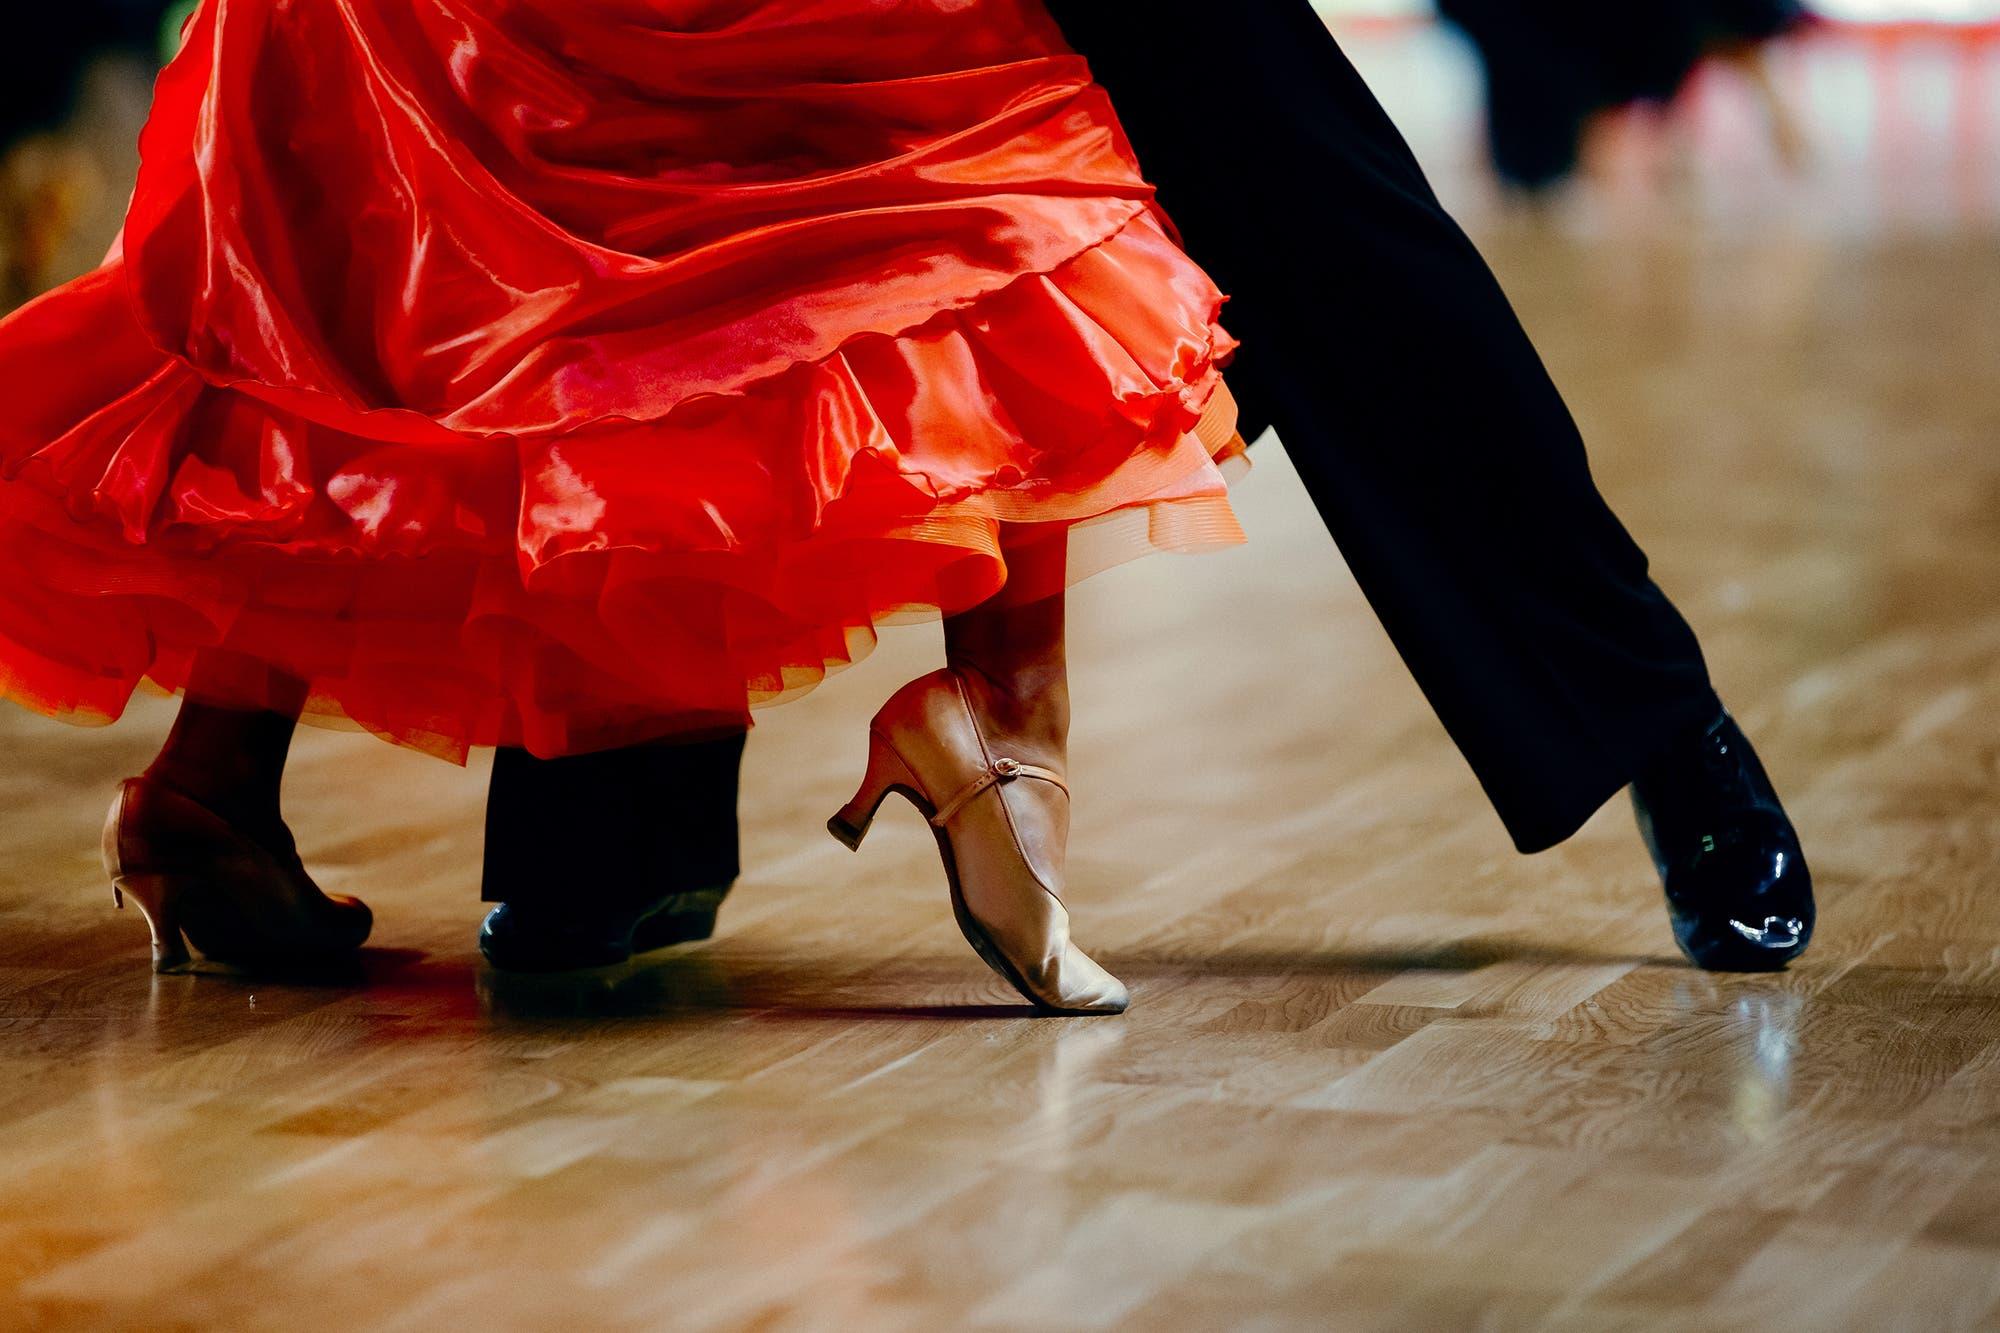 Musik und Tanz hält unseren Körper in Schwung